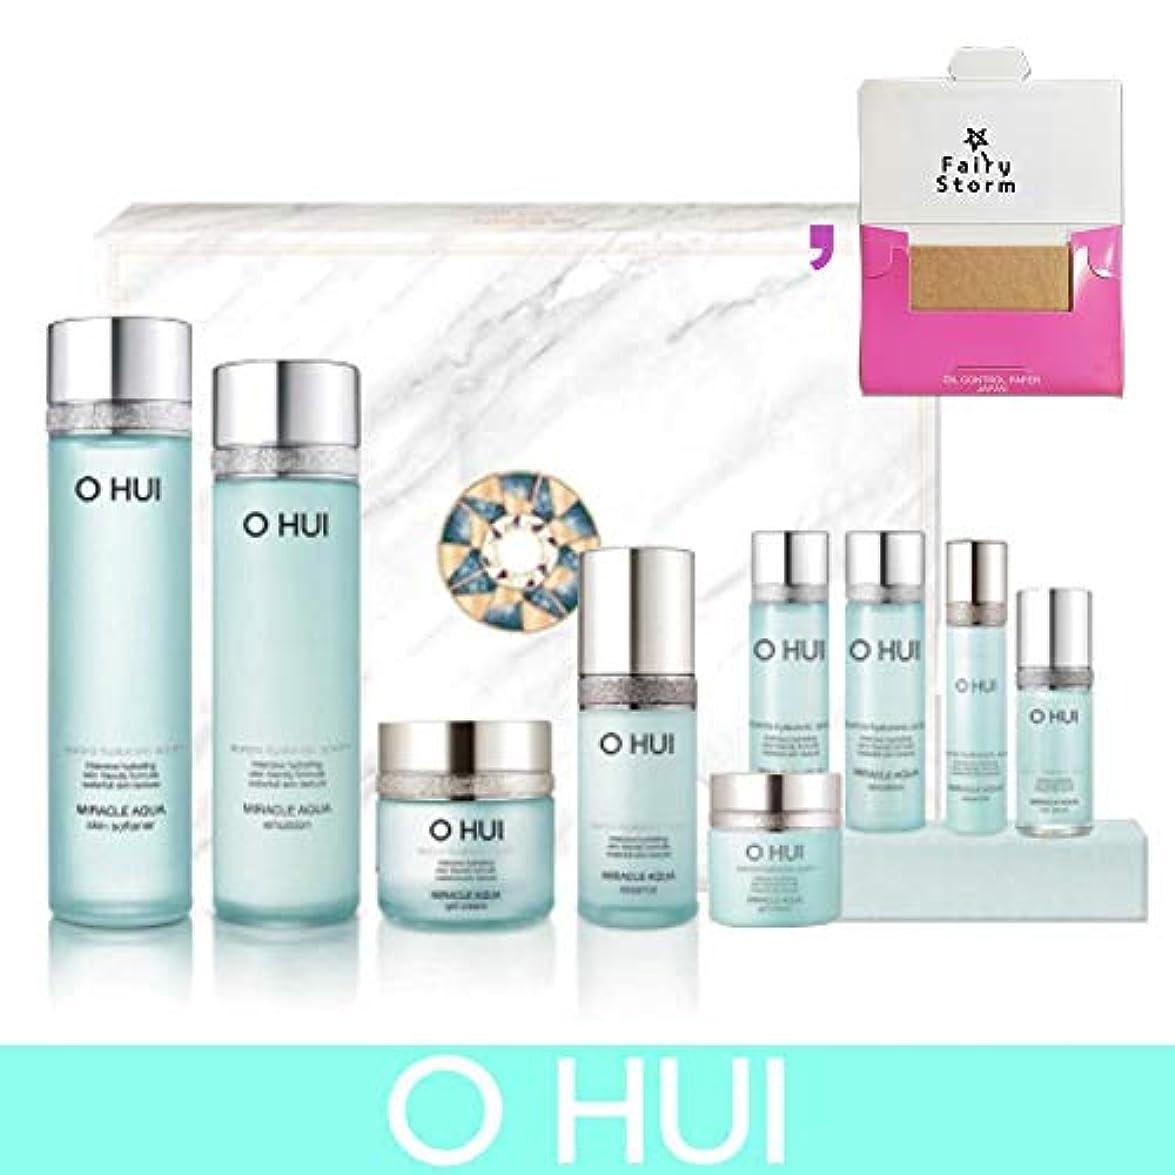 製作大惨事殺します[オフィ/O HUI]韓国化粧品 LG生活健康/O HUI MIRACLE AQUA SPECIAL 4EA SET/ミラクル アクア 4種セット + [Sample Gift](海外直送品)